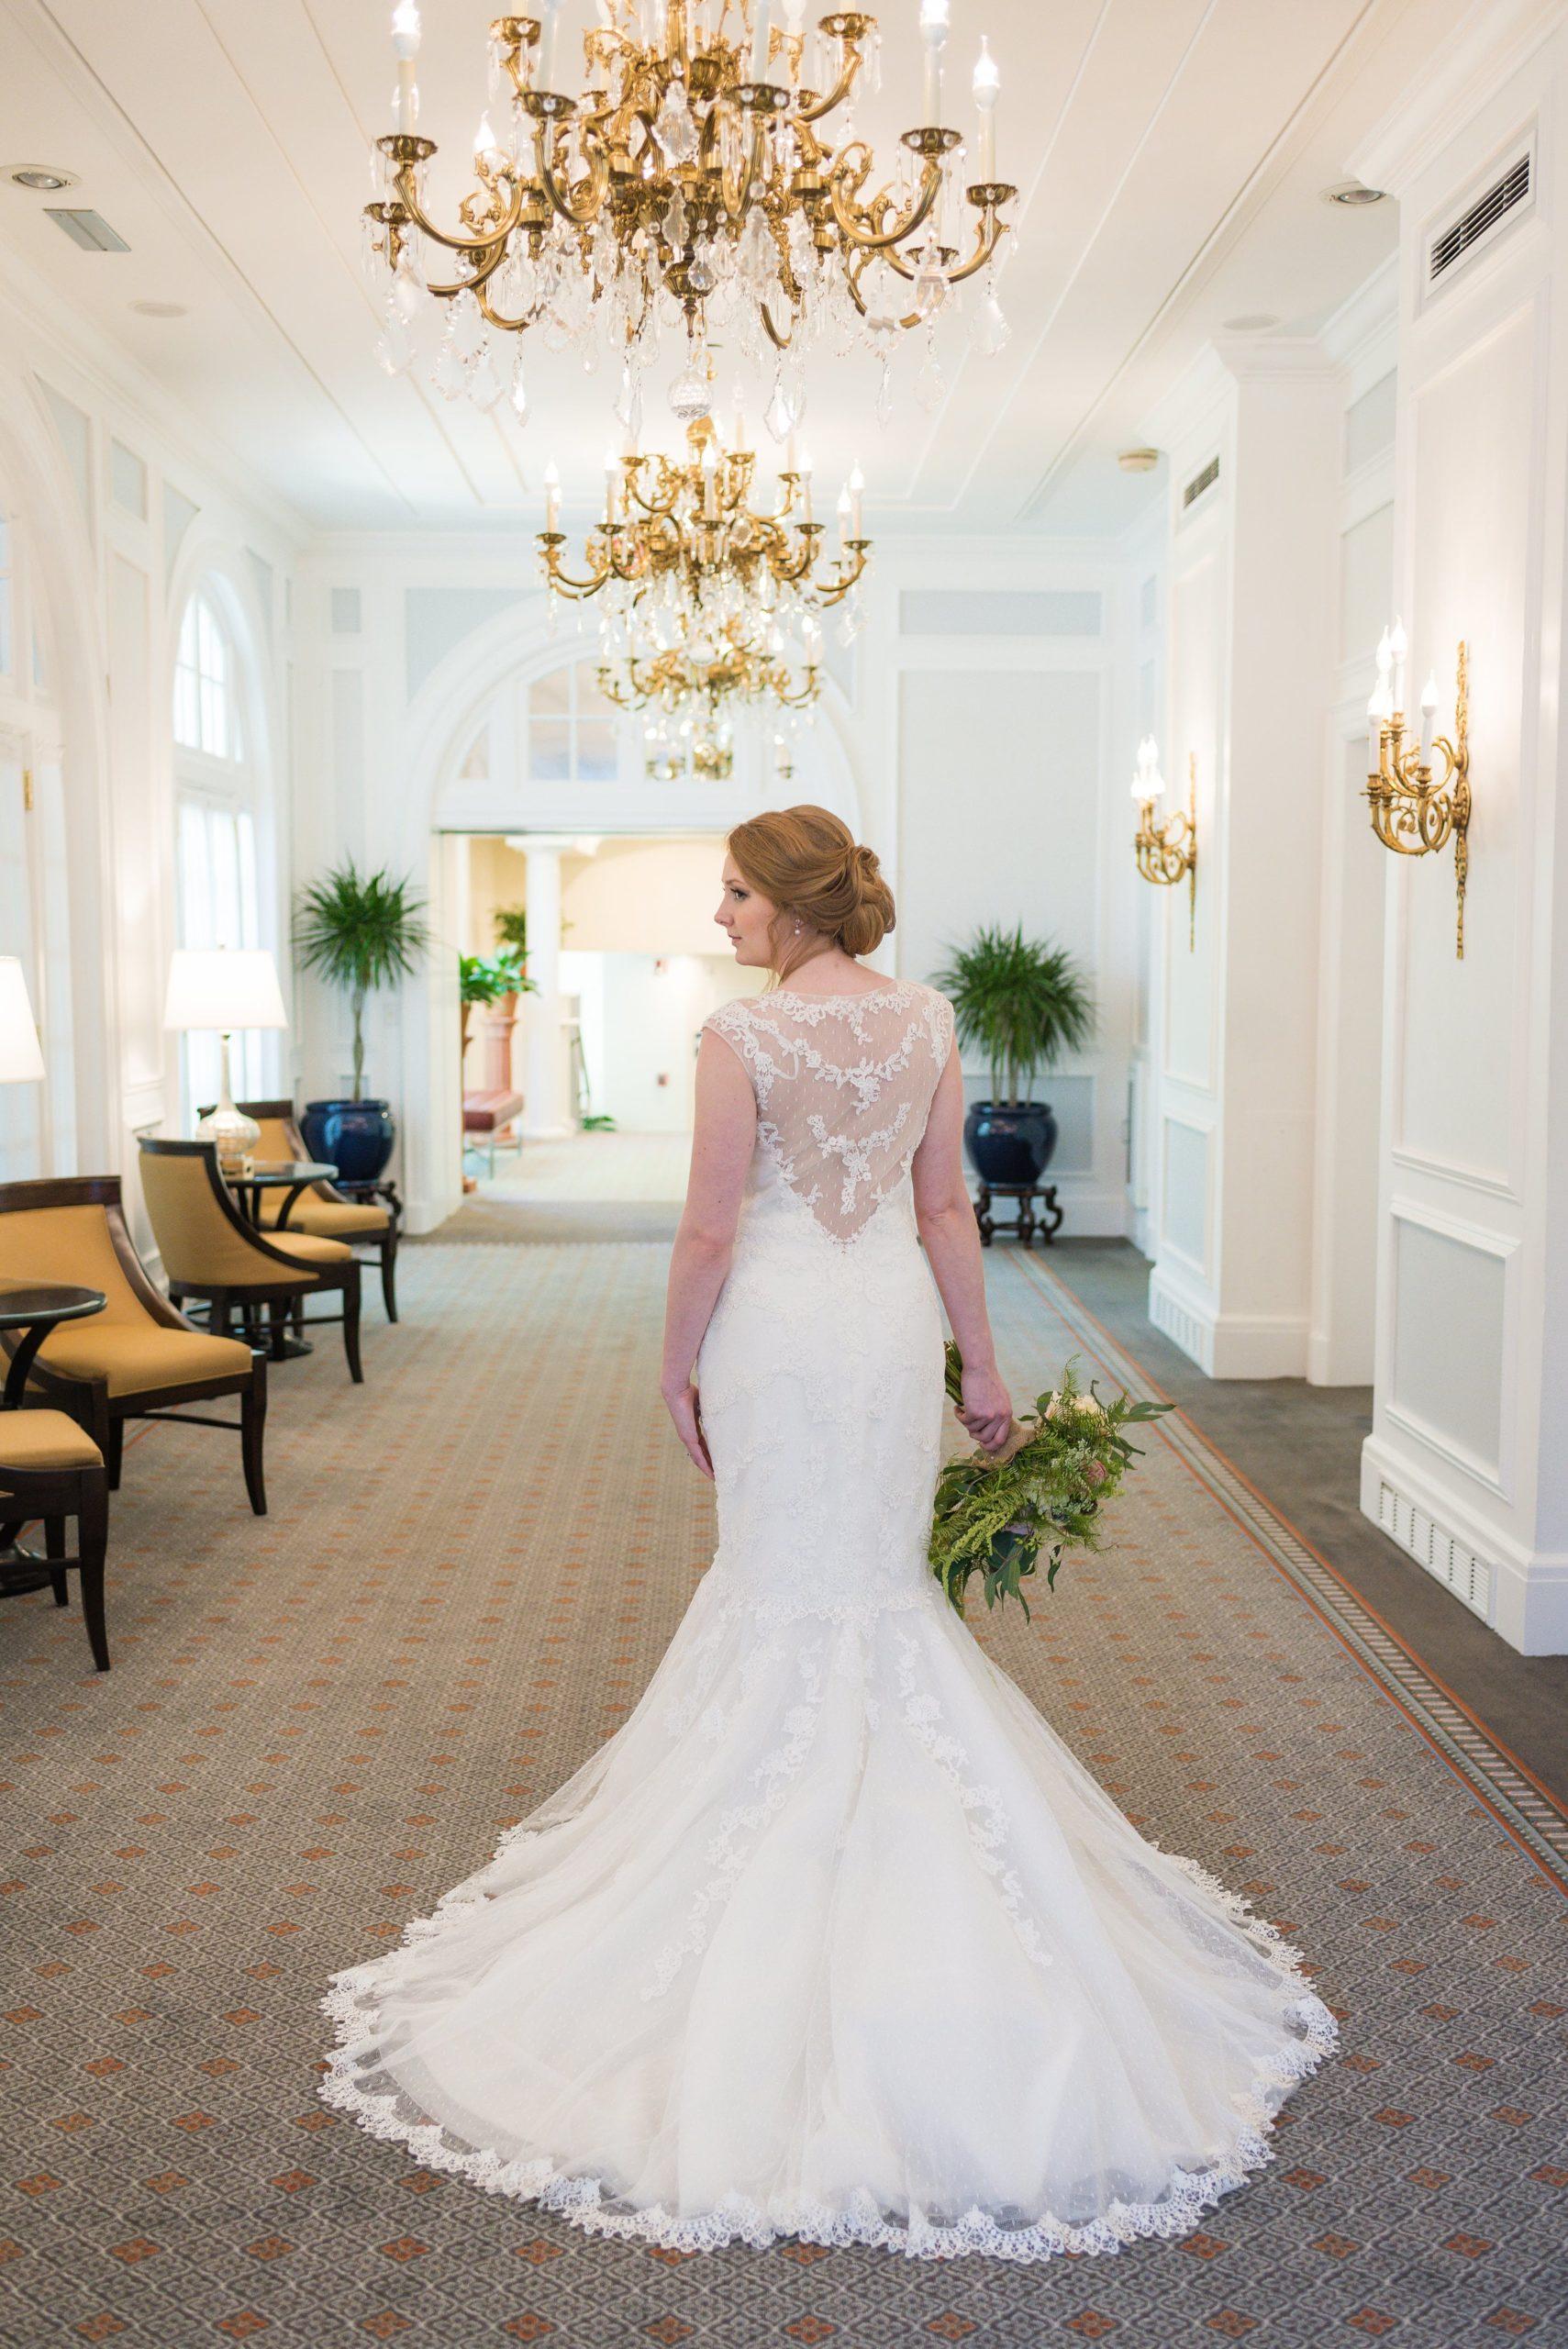 wedding photo gallery spa at norwich inn